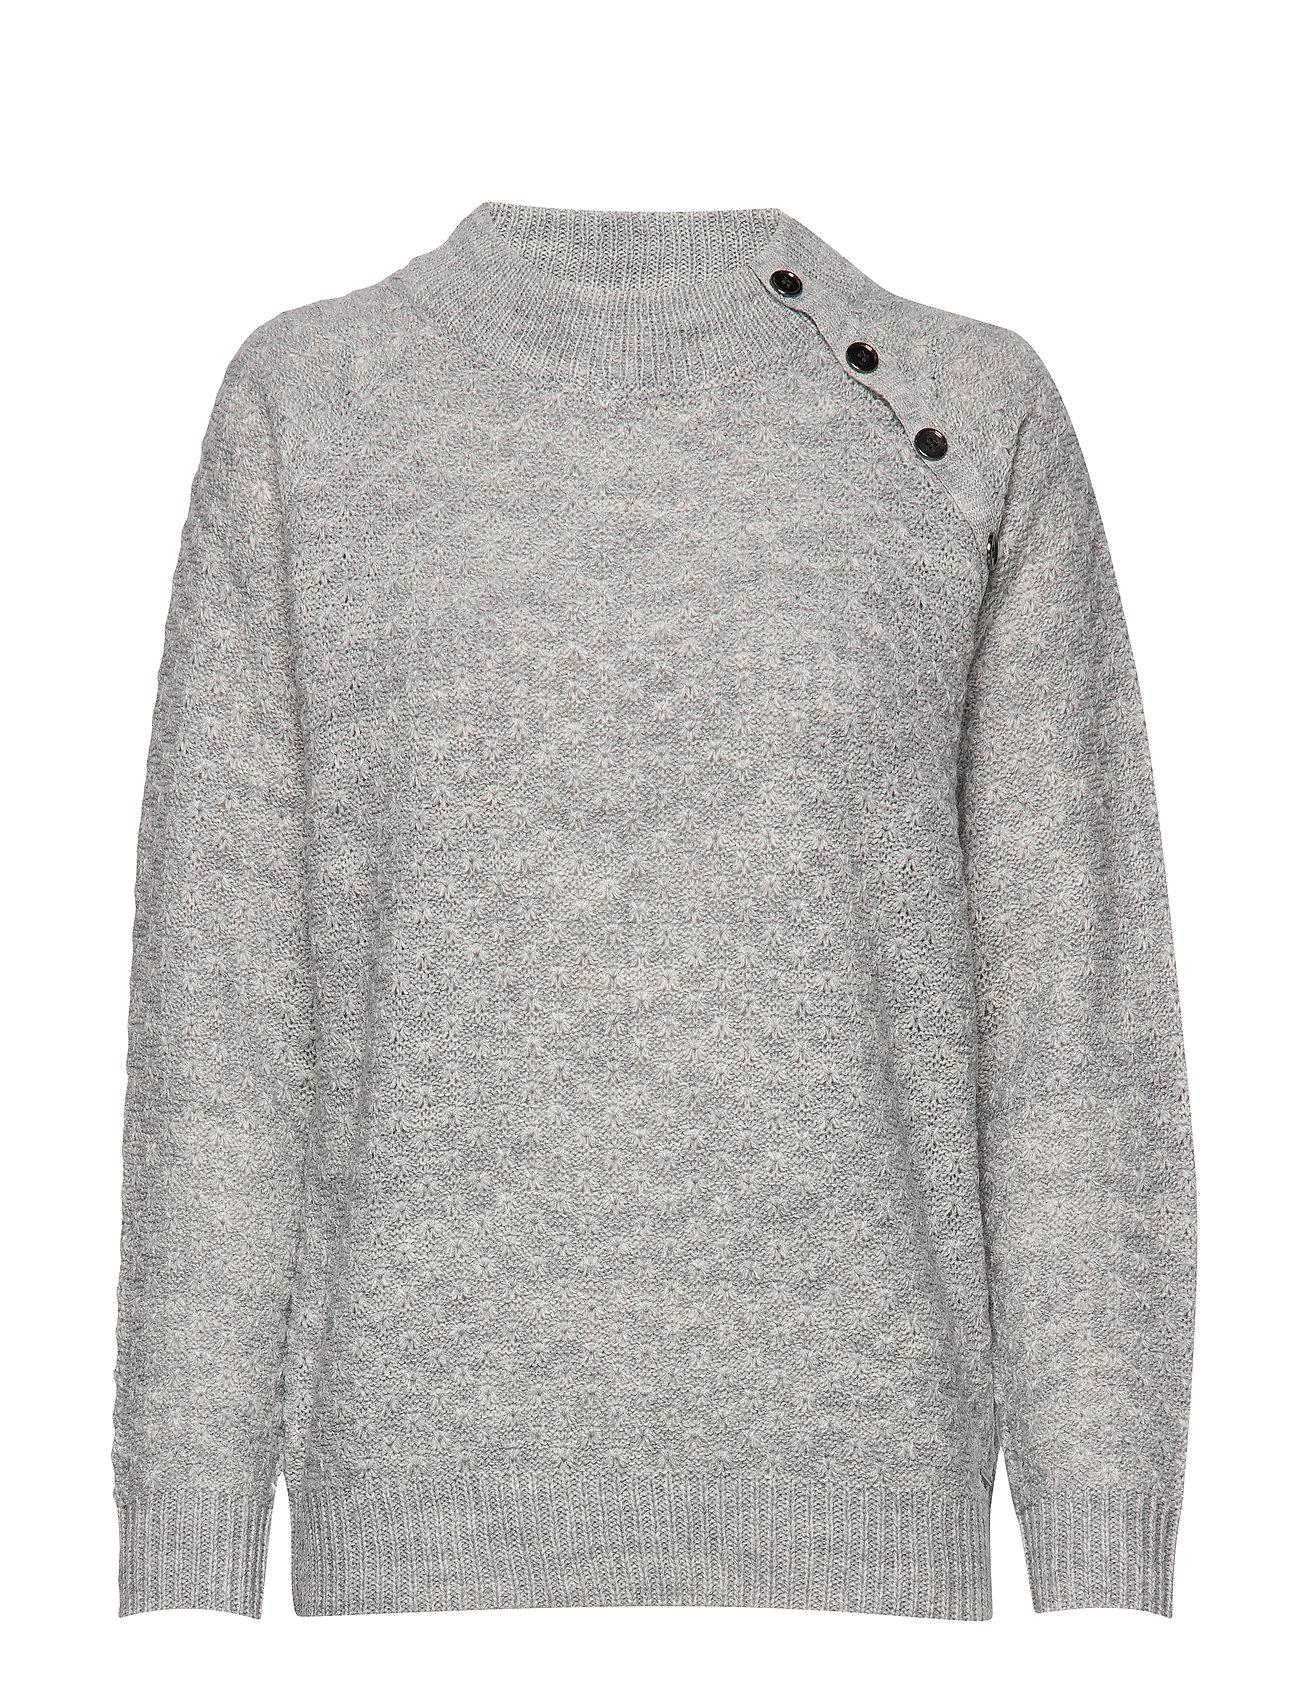 Brandtex Pullover-knit Heavy - LIGHT GREY MELANGE